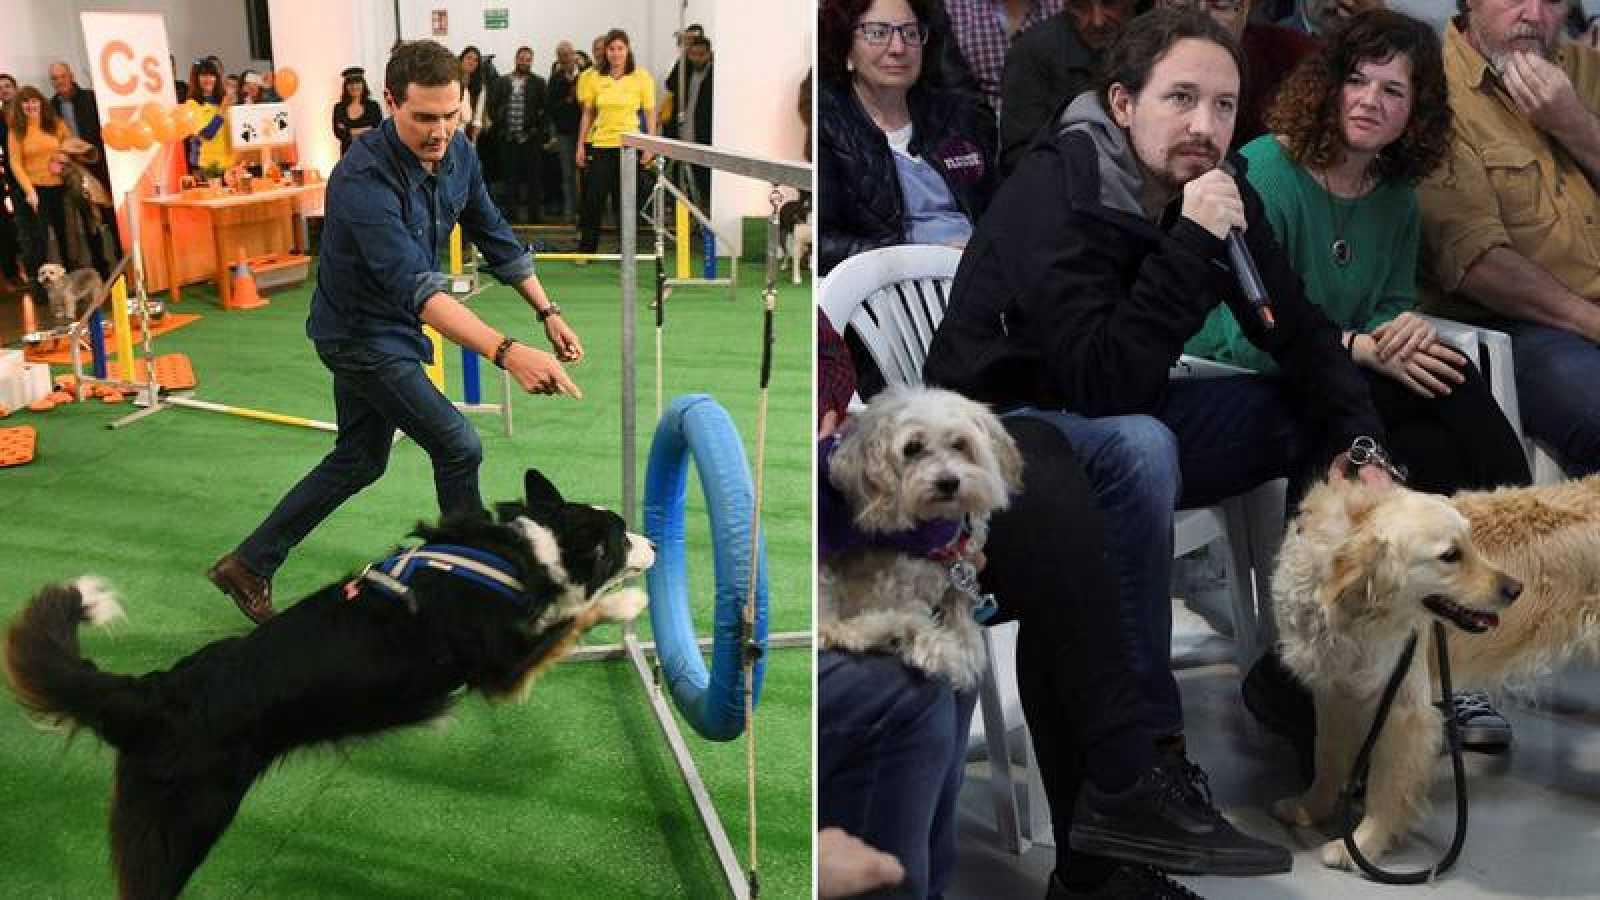 Pablo Iglesias y Albert Rivera participan en actos sobre bienestar animal